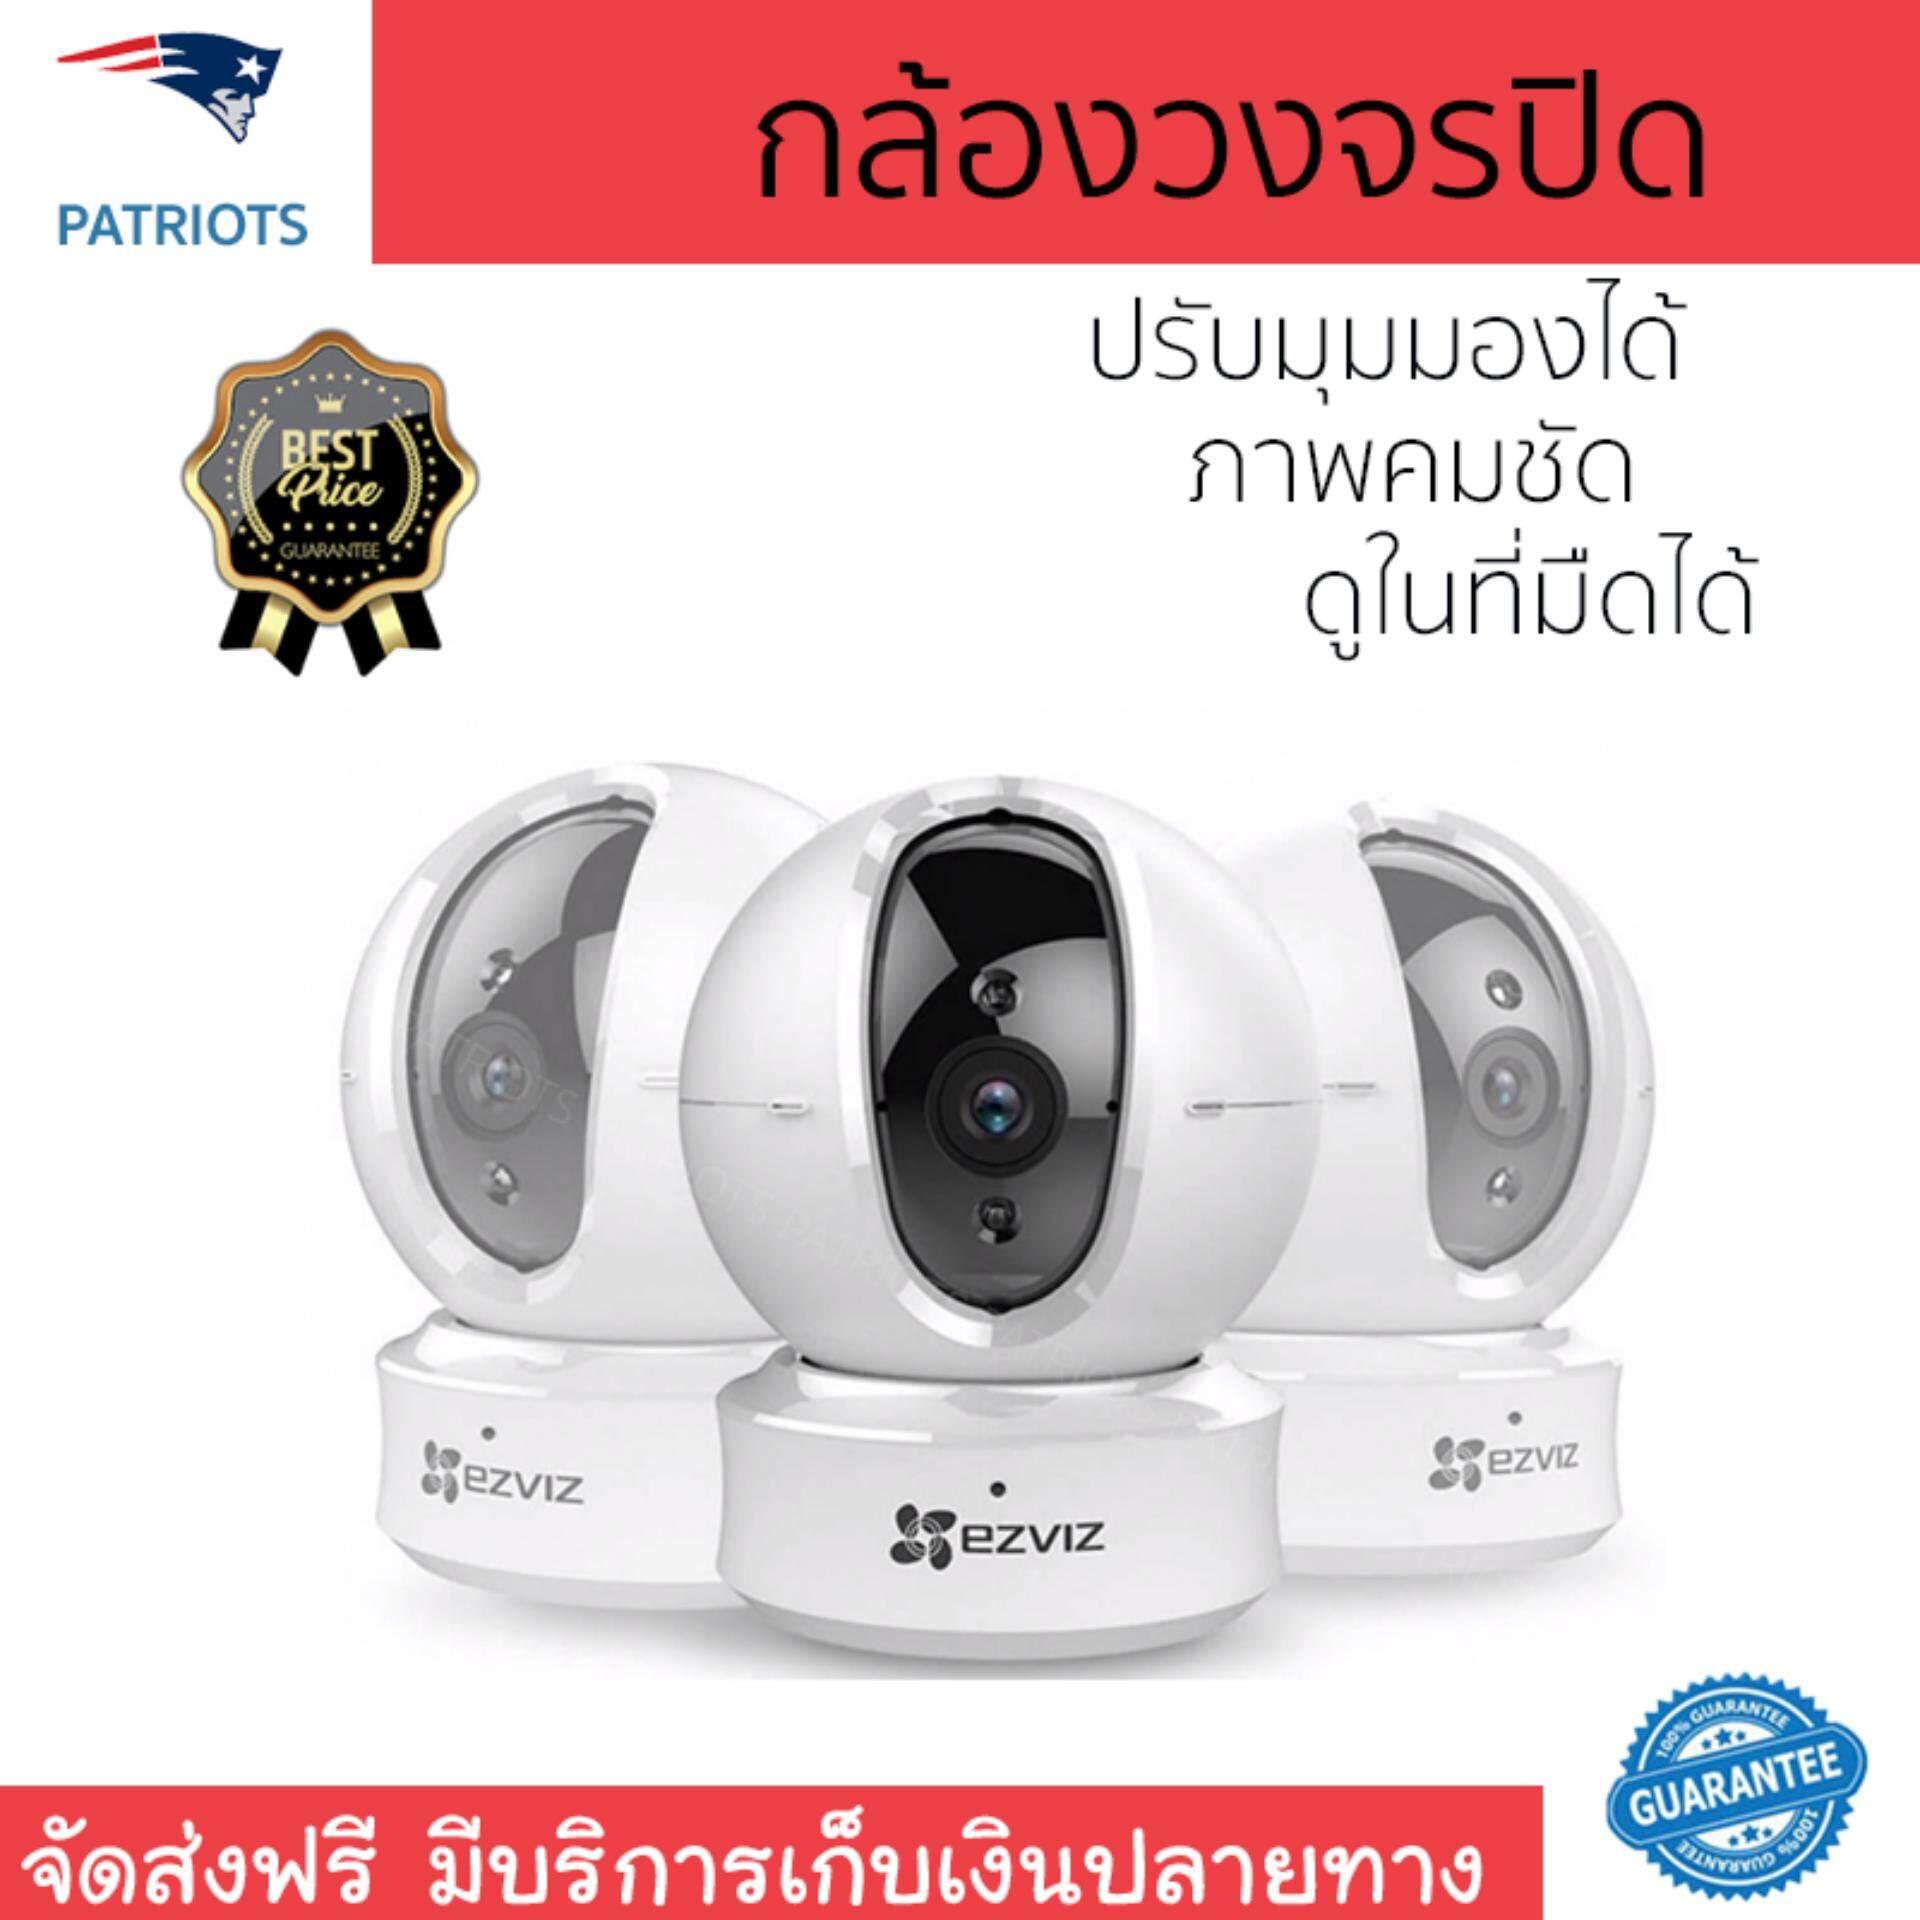 ขายดีมาก! โปรโมชัน กล้องวงจรปิด           EZVIZ กล้องวงจรปิด (สีขาว) รุ่น  CV246-A03B1WFR             ภาพคมชัด ปรับมุมมองได้ กล้อง IP Camera รับประกันสินค้า 1 ปี จัดส่งฟรี Kerry ทั่วประเทศ